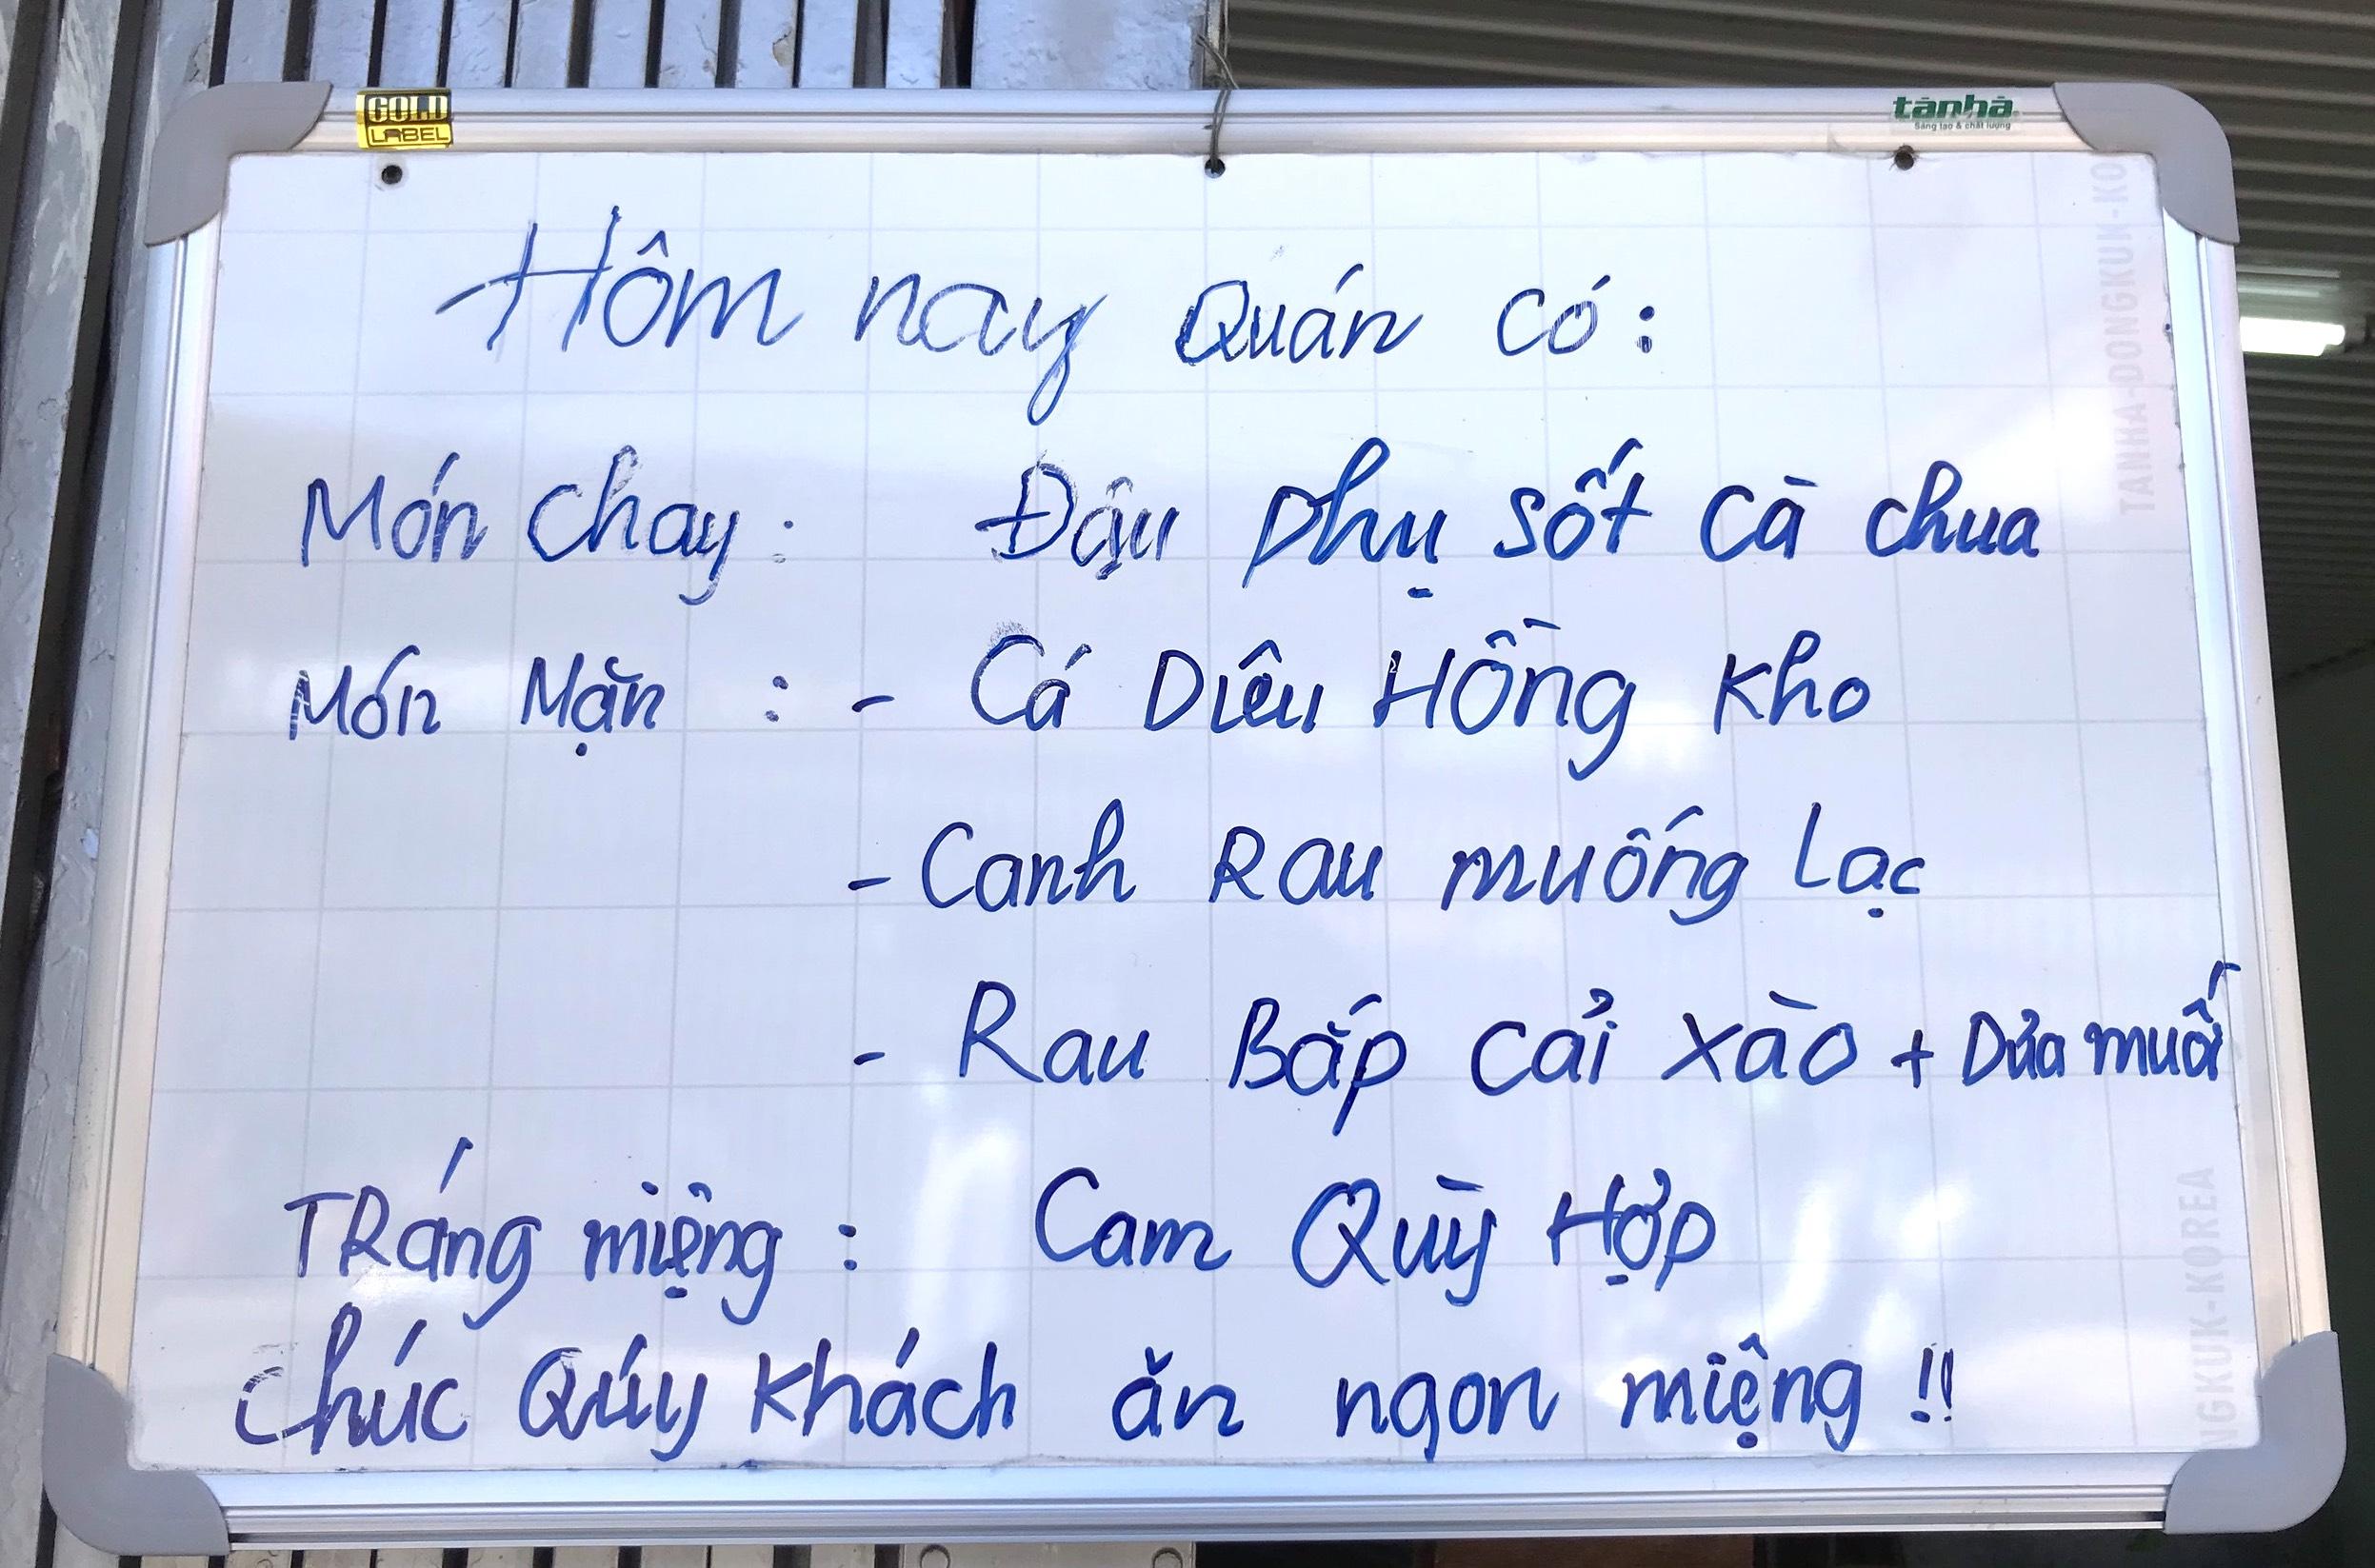 Quán cơm 2000 đồng đầu tiên ở Nghệ An: Ai không có tiền vẫn mời họ vào ăn - Ảnh 3.